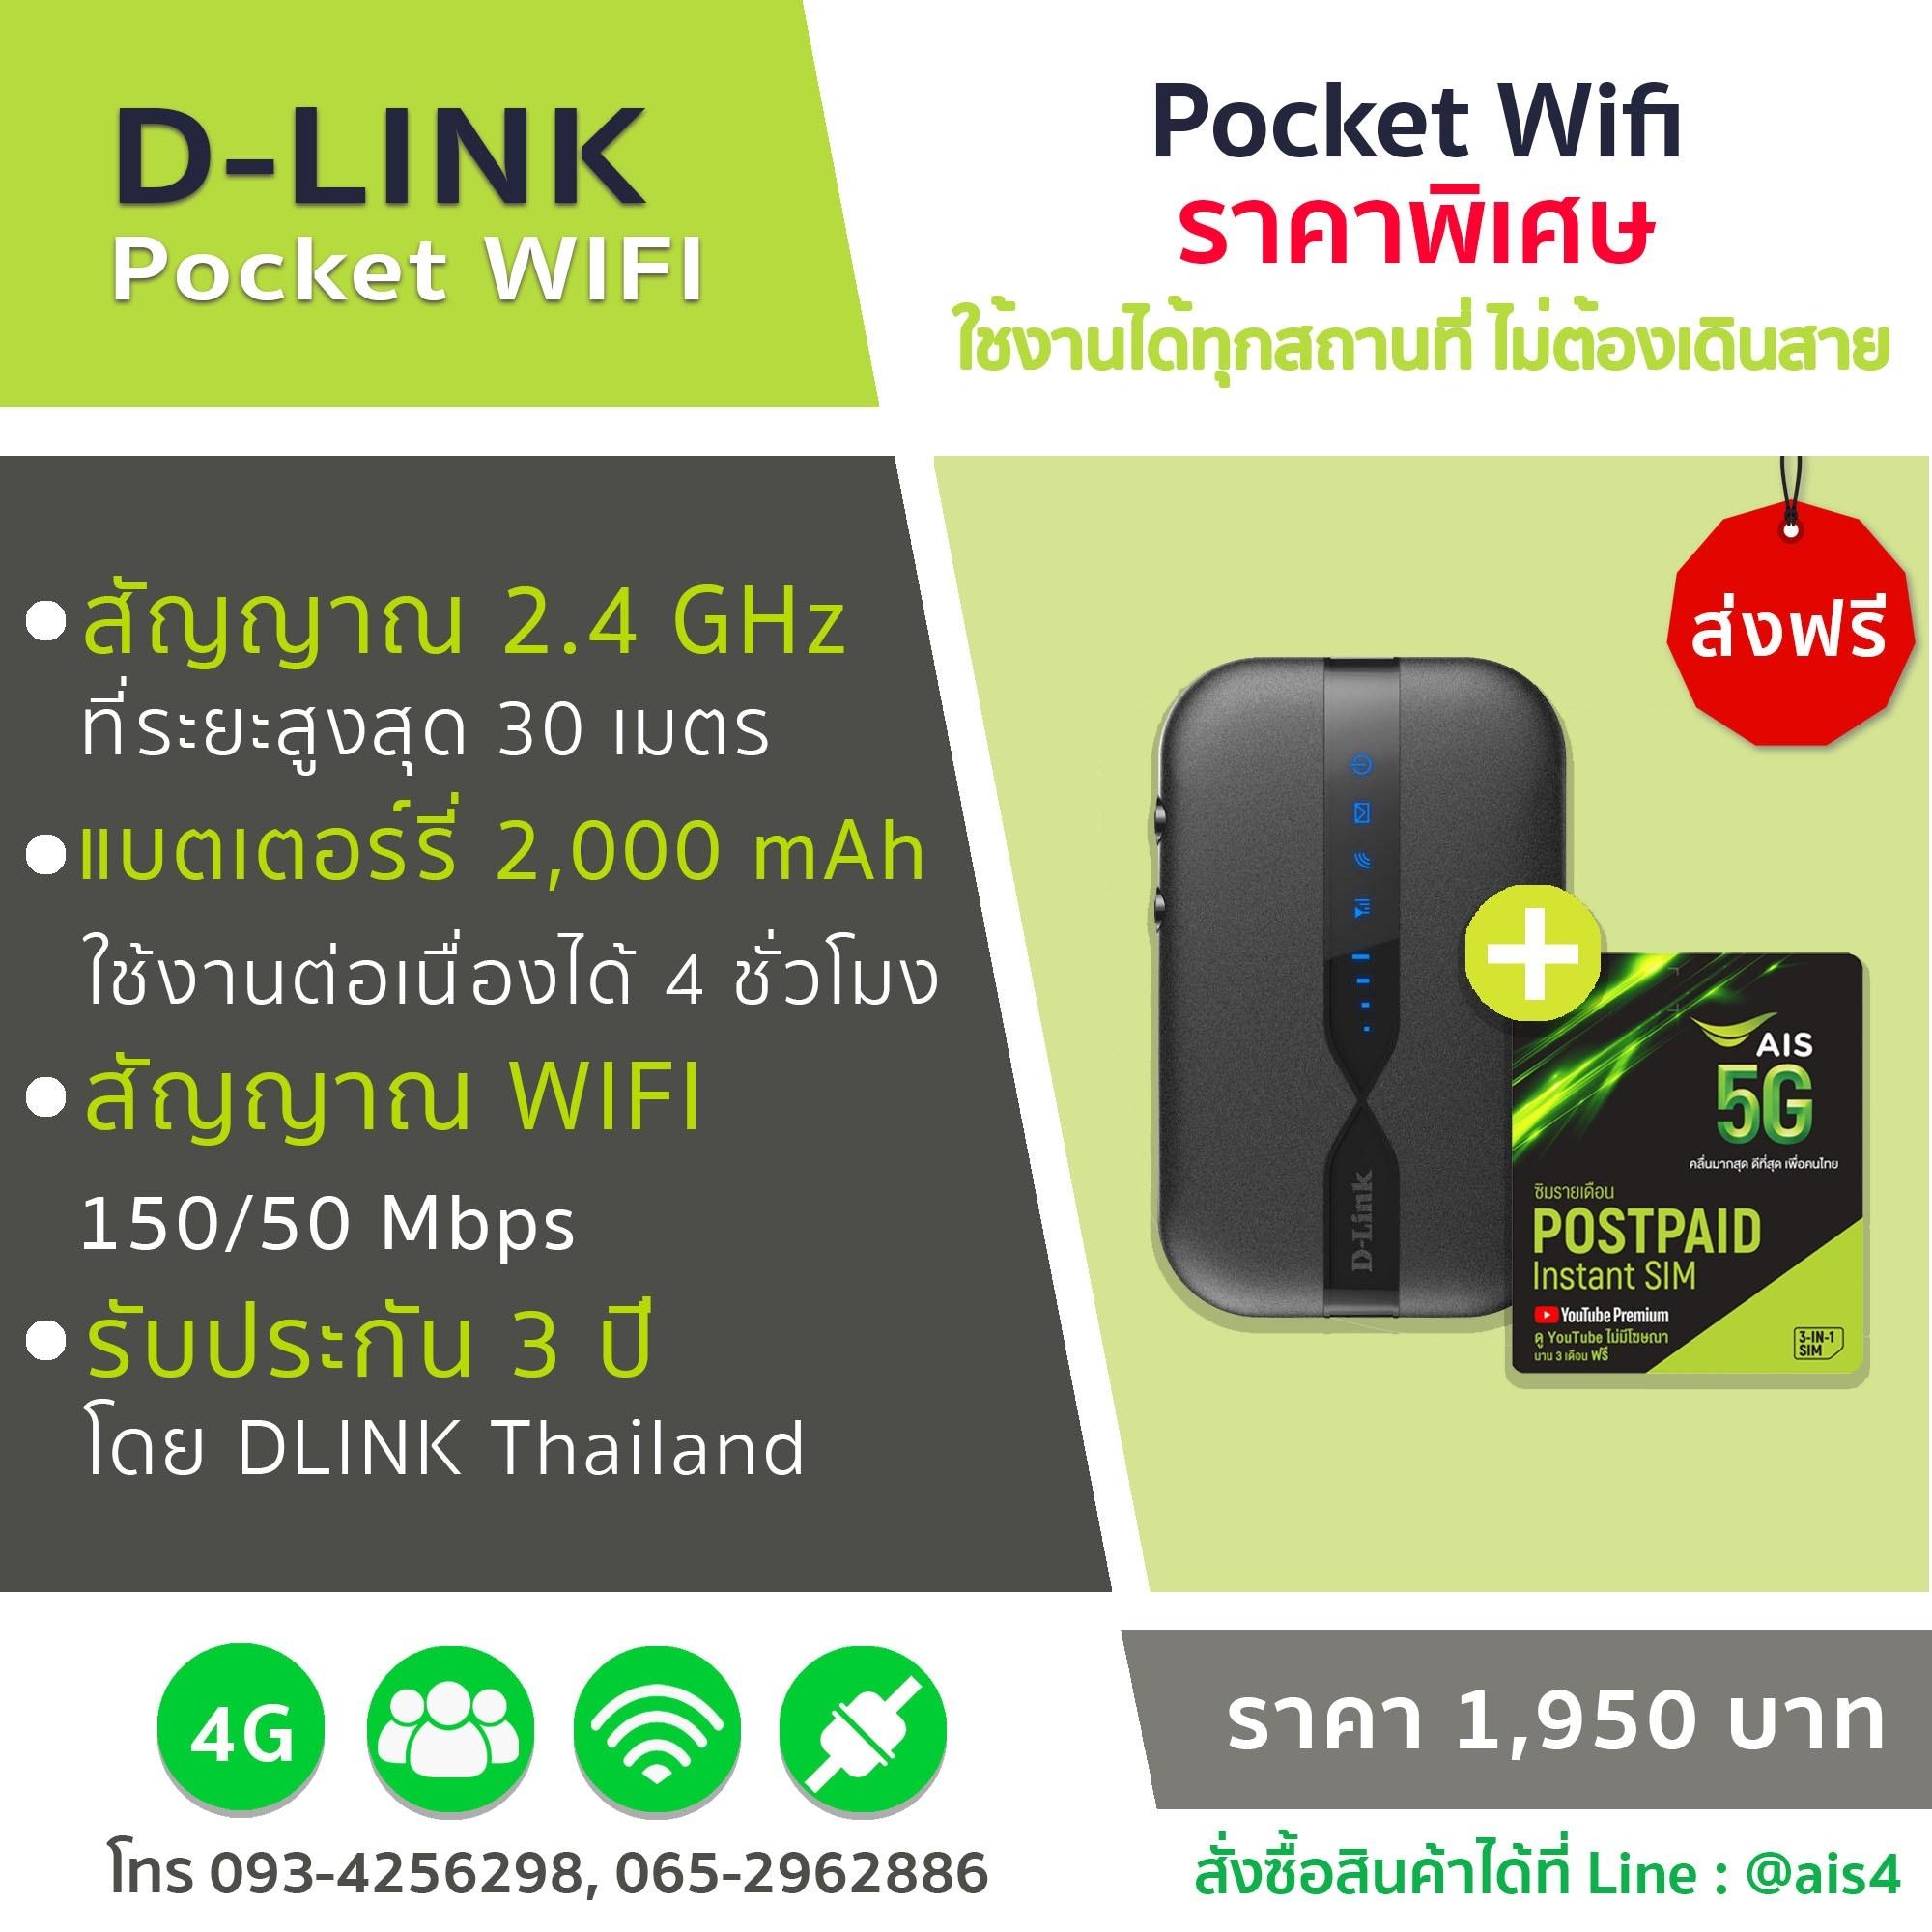 Router ใส่ซิม pocket wifi จัดส่งฟรี